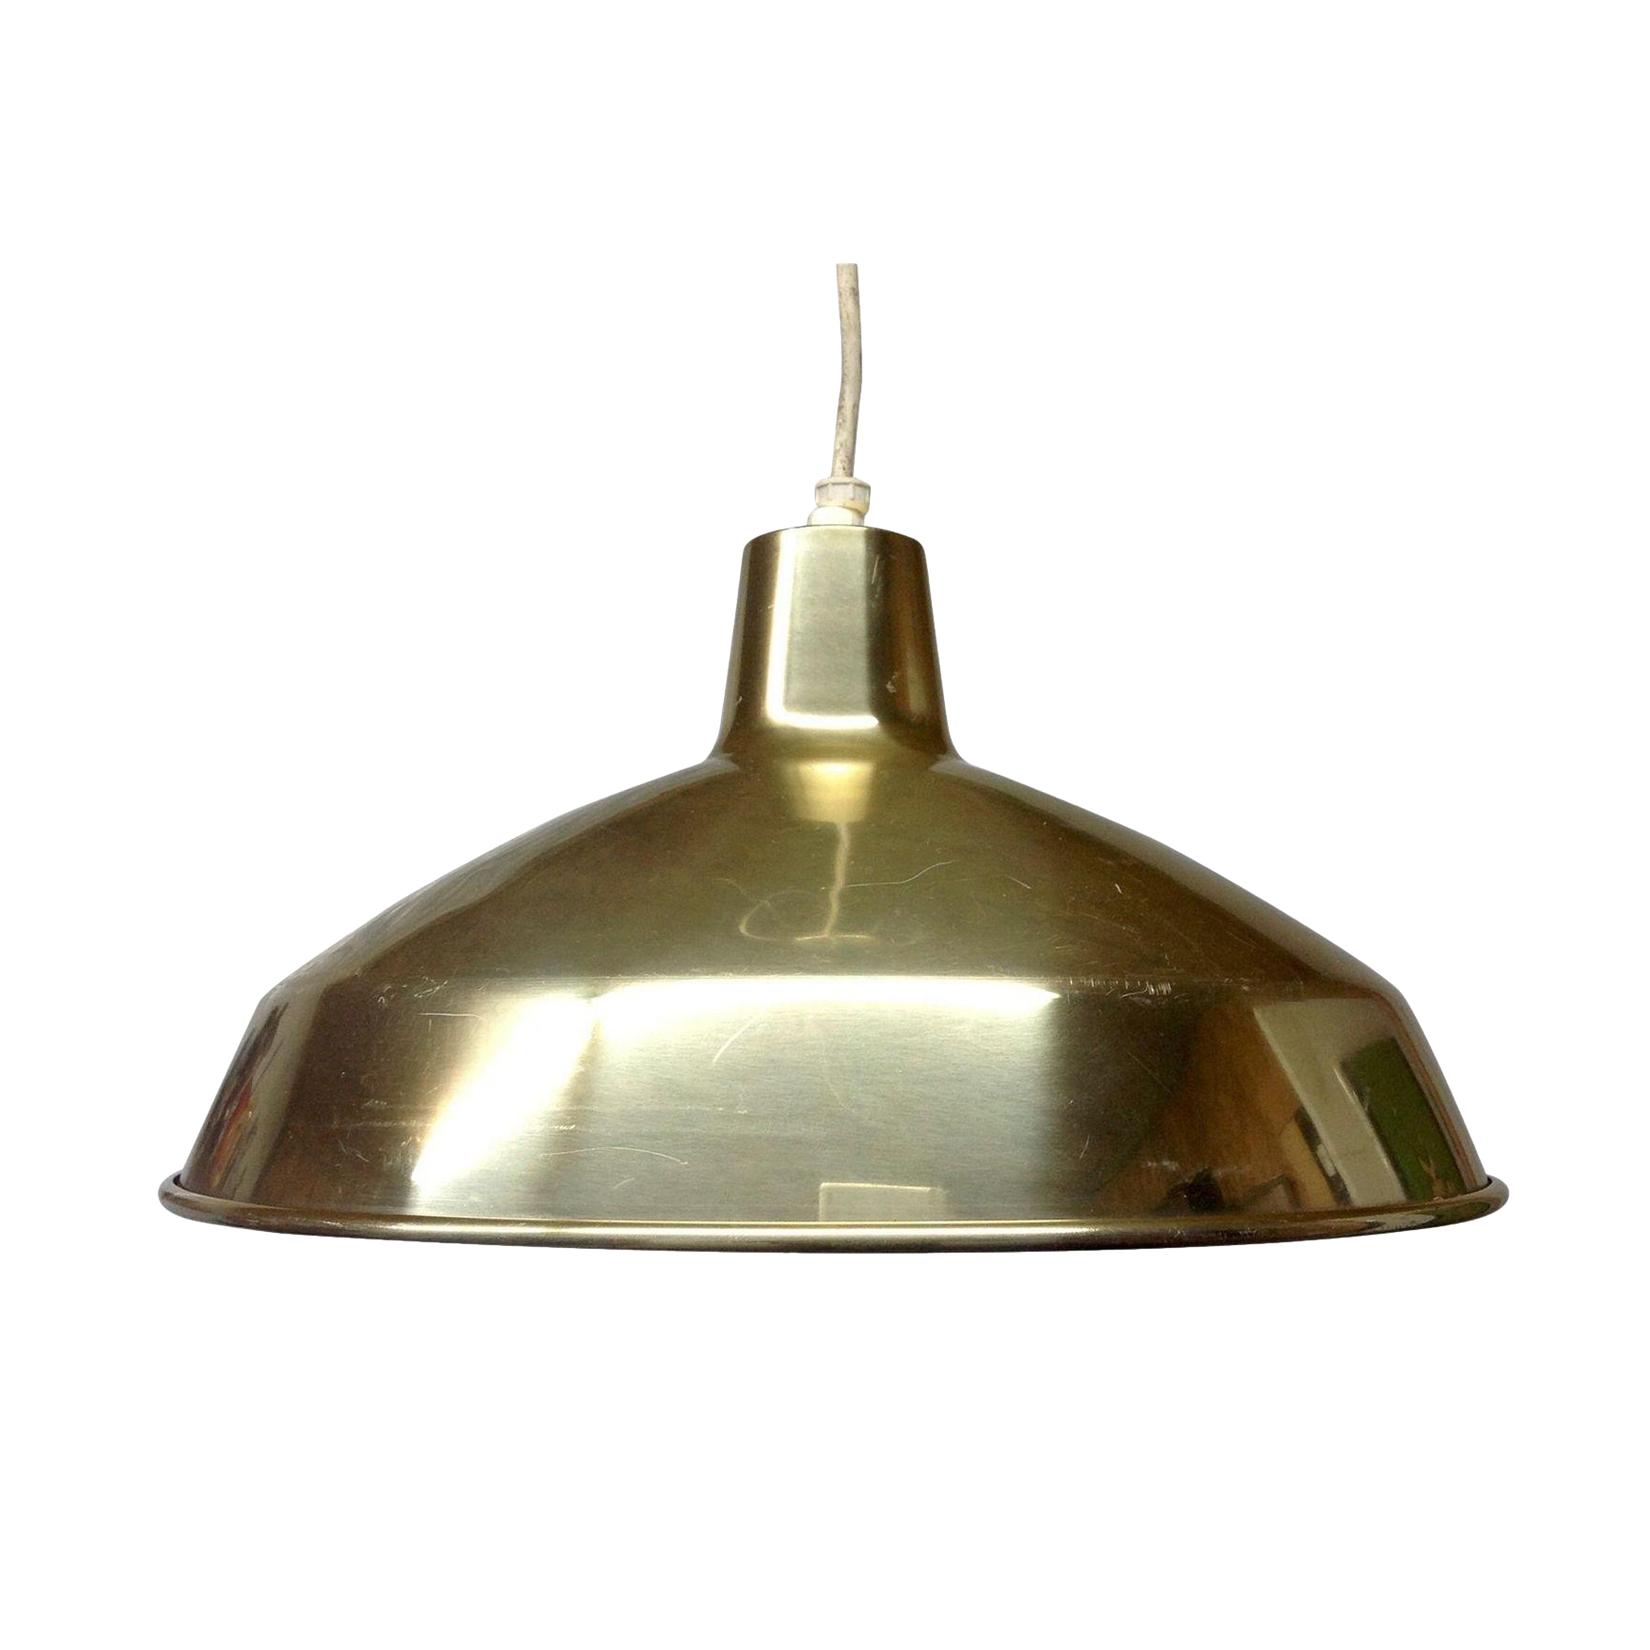 used pendant lighting. Used Pendant Lighting. Danish Modern Brass Light Lighting L